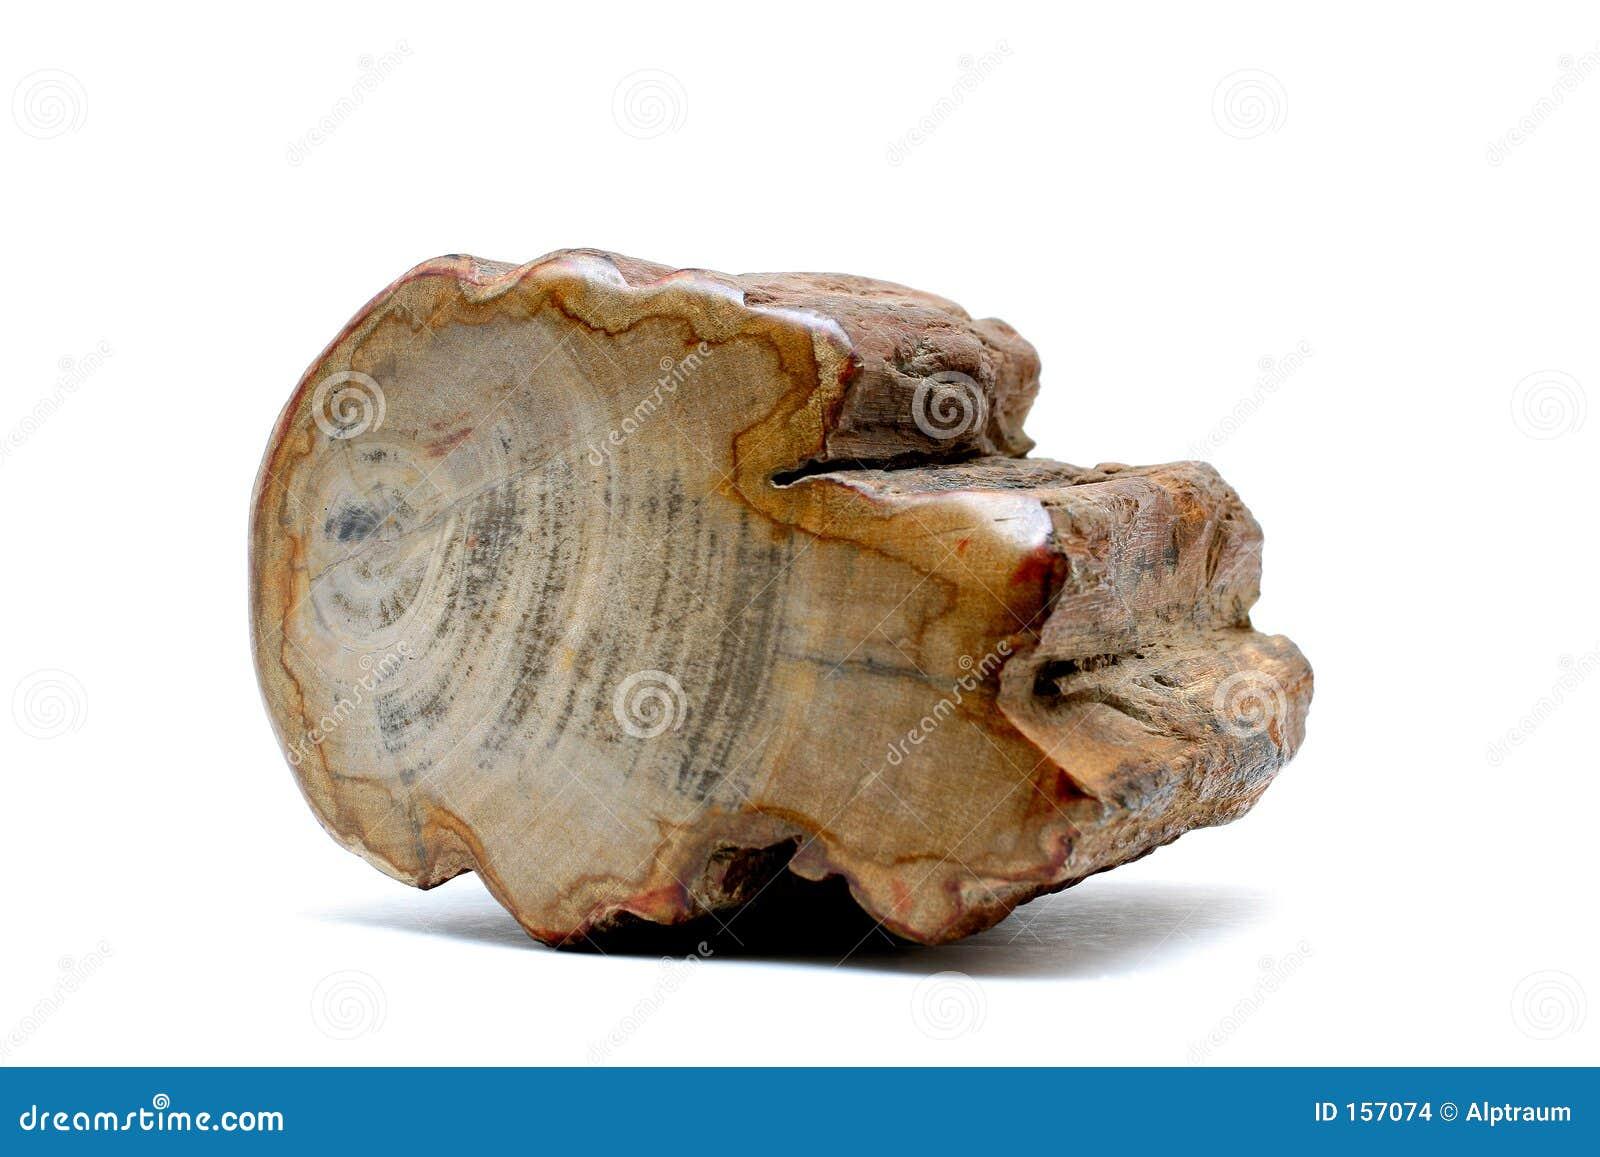 Versteinertes Holz Stockbilder  Bild 157074